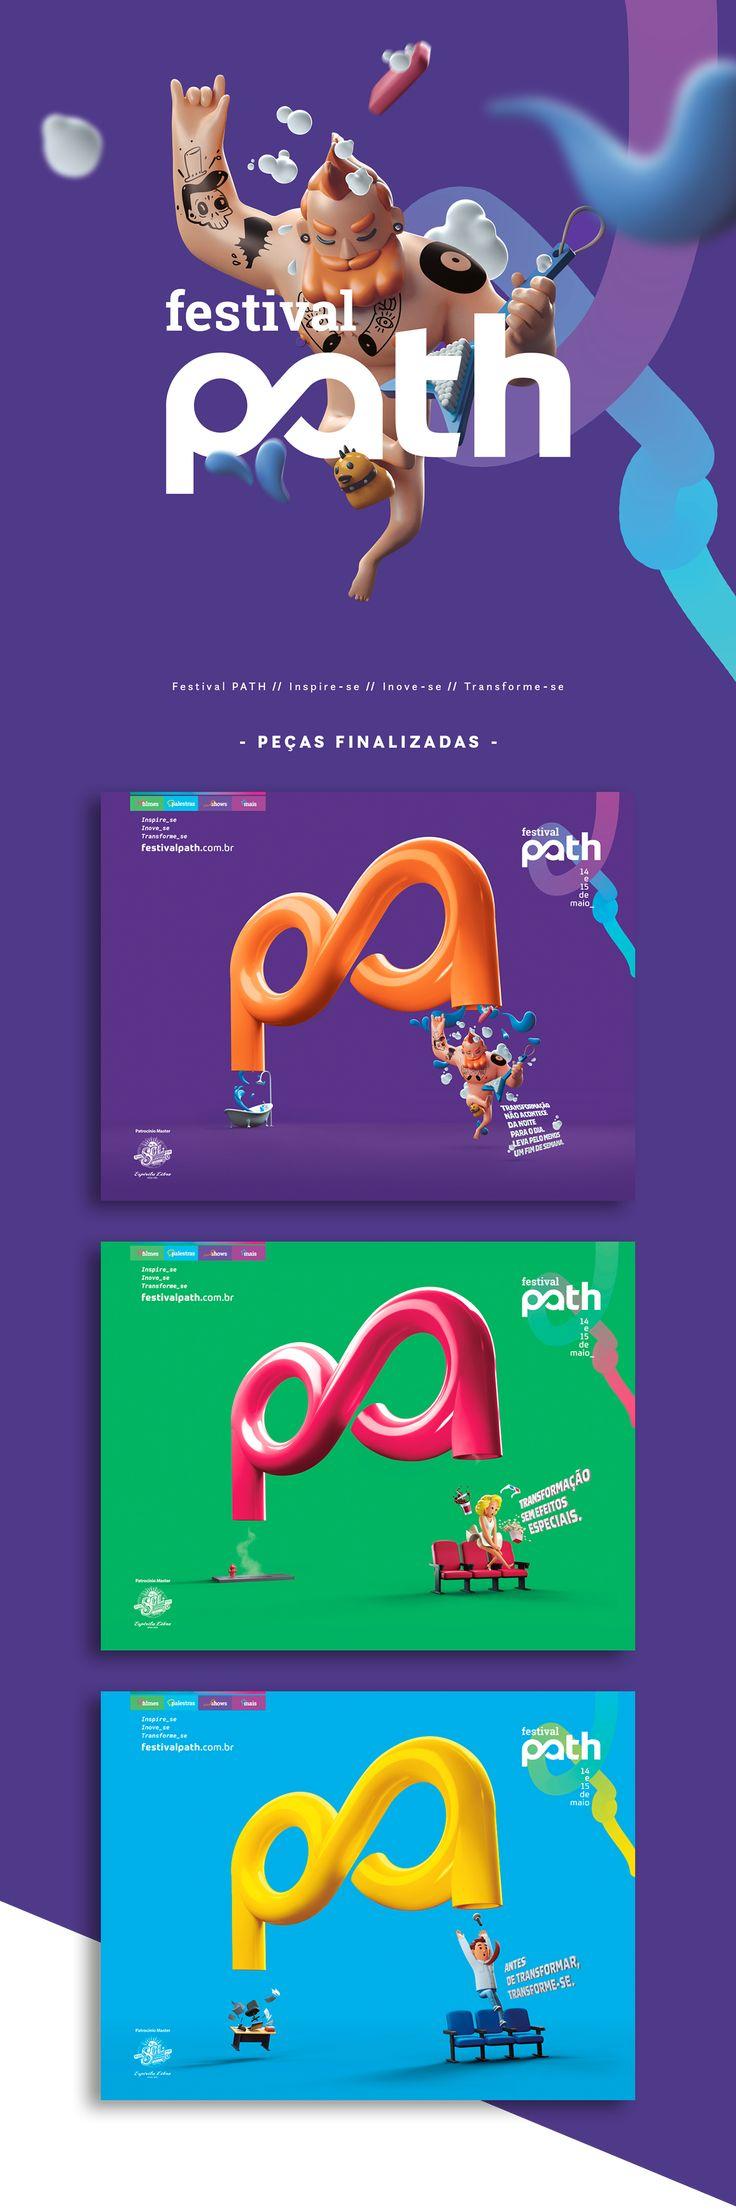 Criação de Stills para Festival PATH em parceria com a Agência WE.